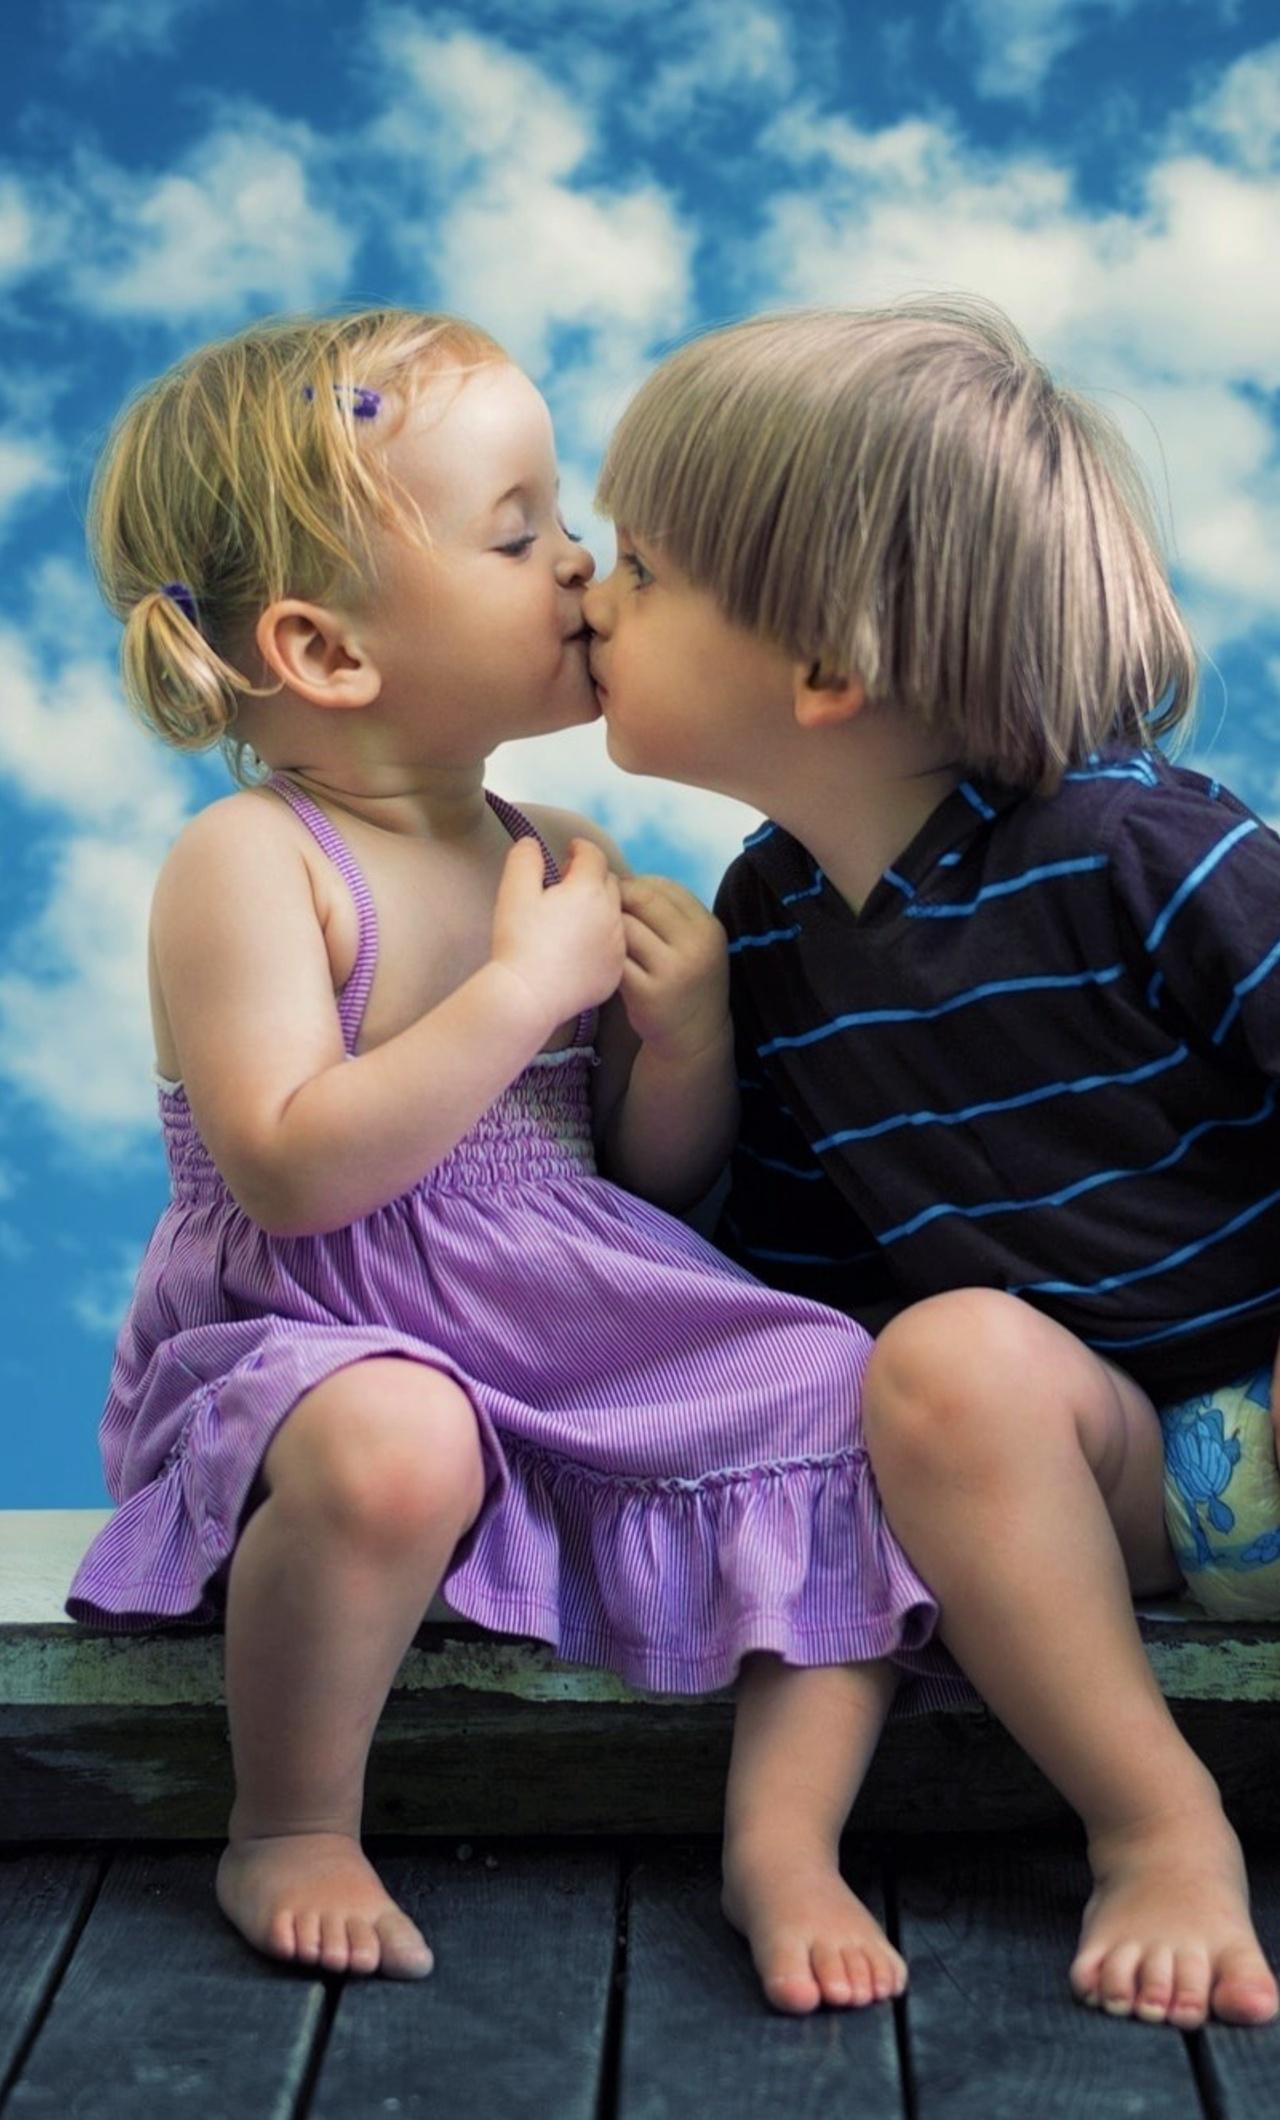 1280x2120 little boy little girl cute kiss iphone 6 hd 4k little boy little girl cute kiss oeg altavistaventures Images